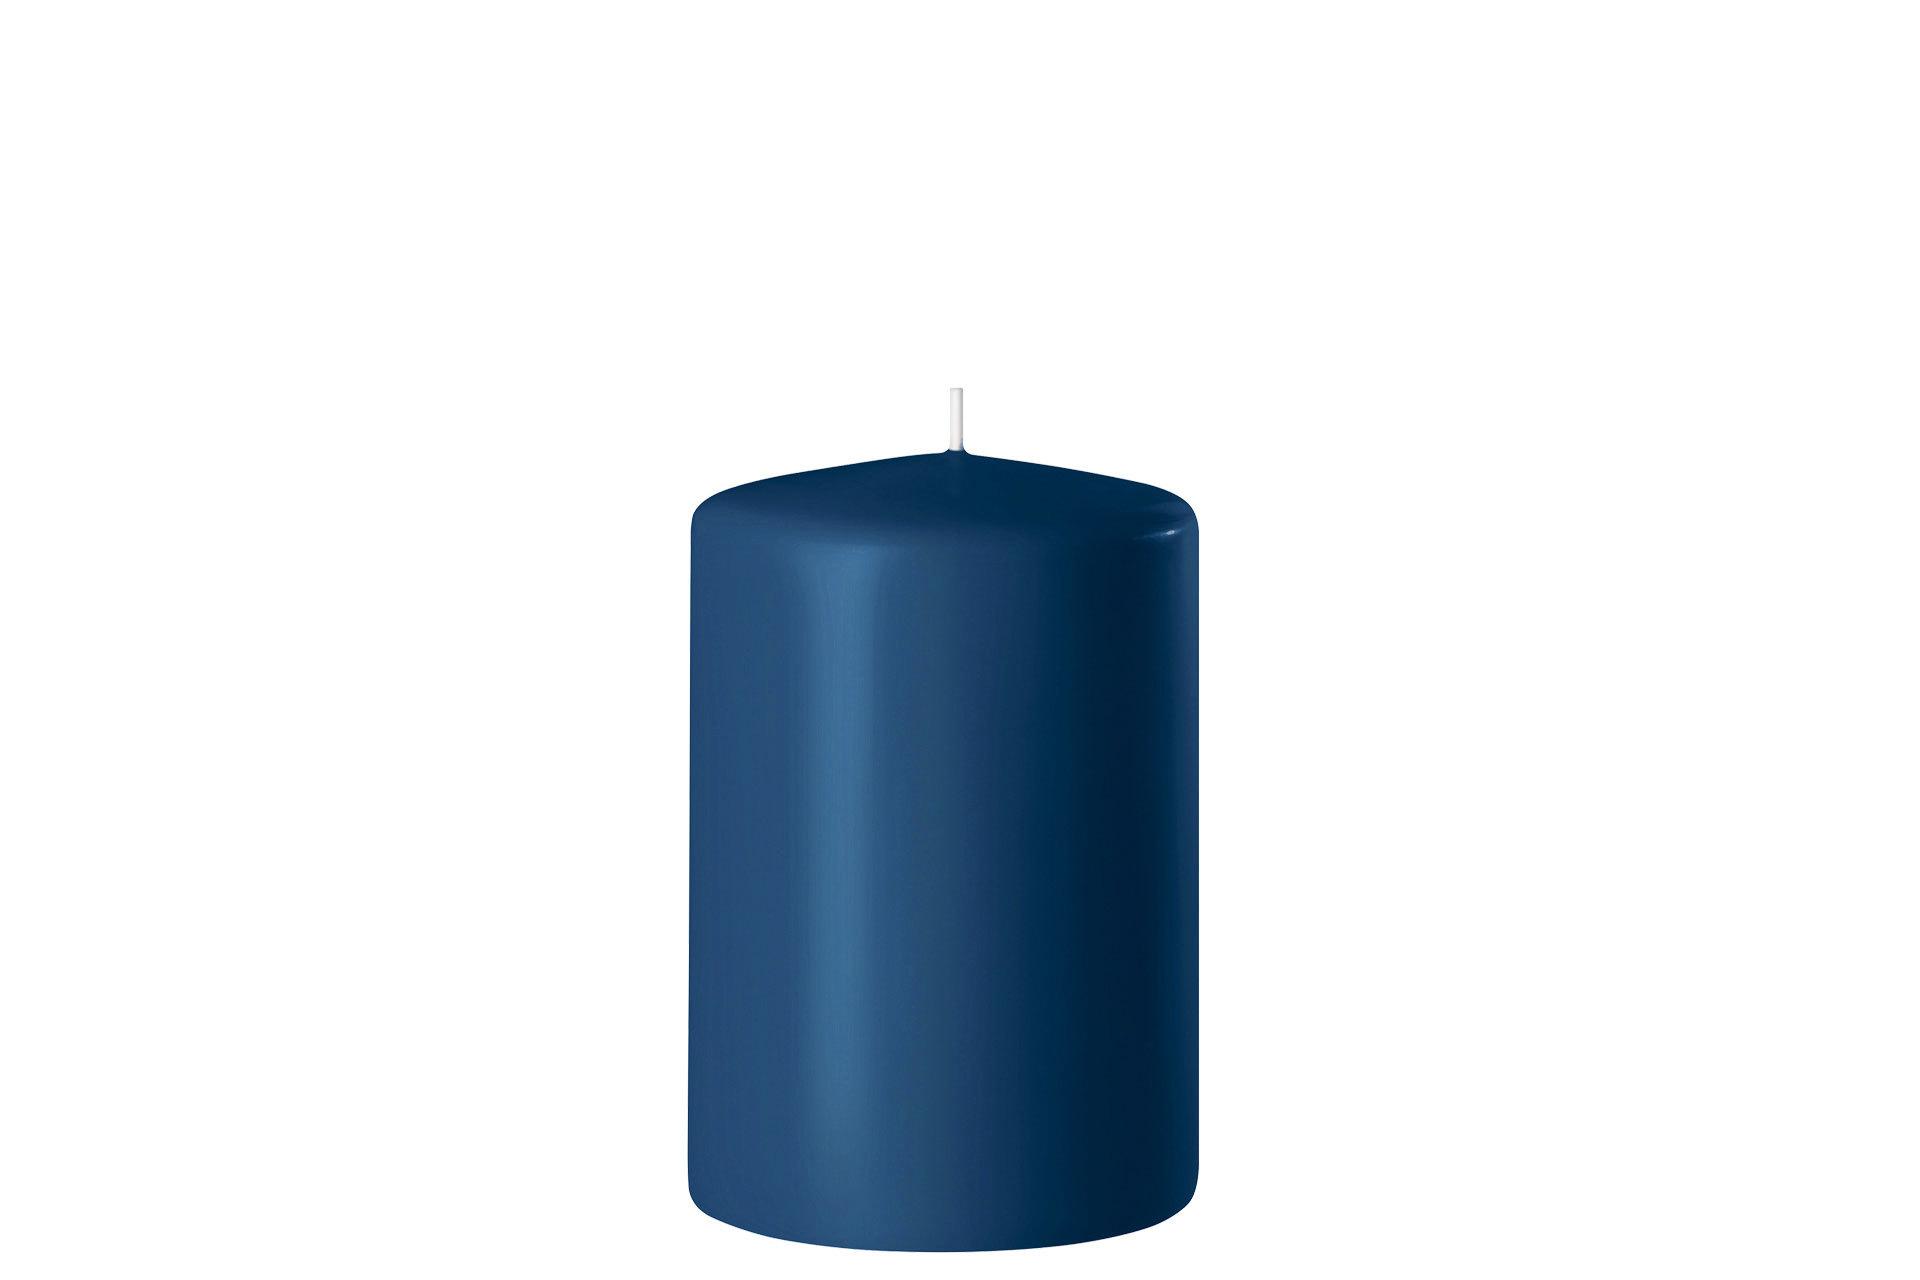 Pöytäkynttilä Marin tummansininen, A Lot, 2 eri kokoa